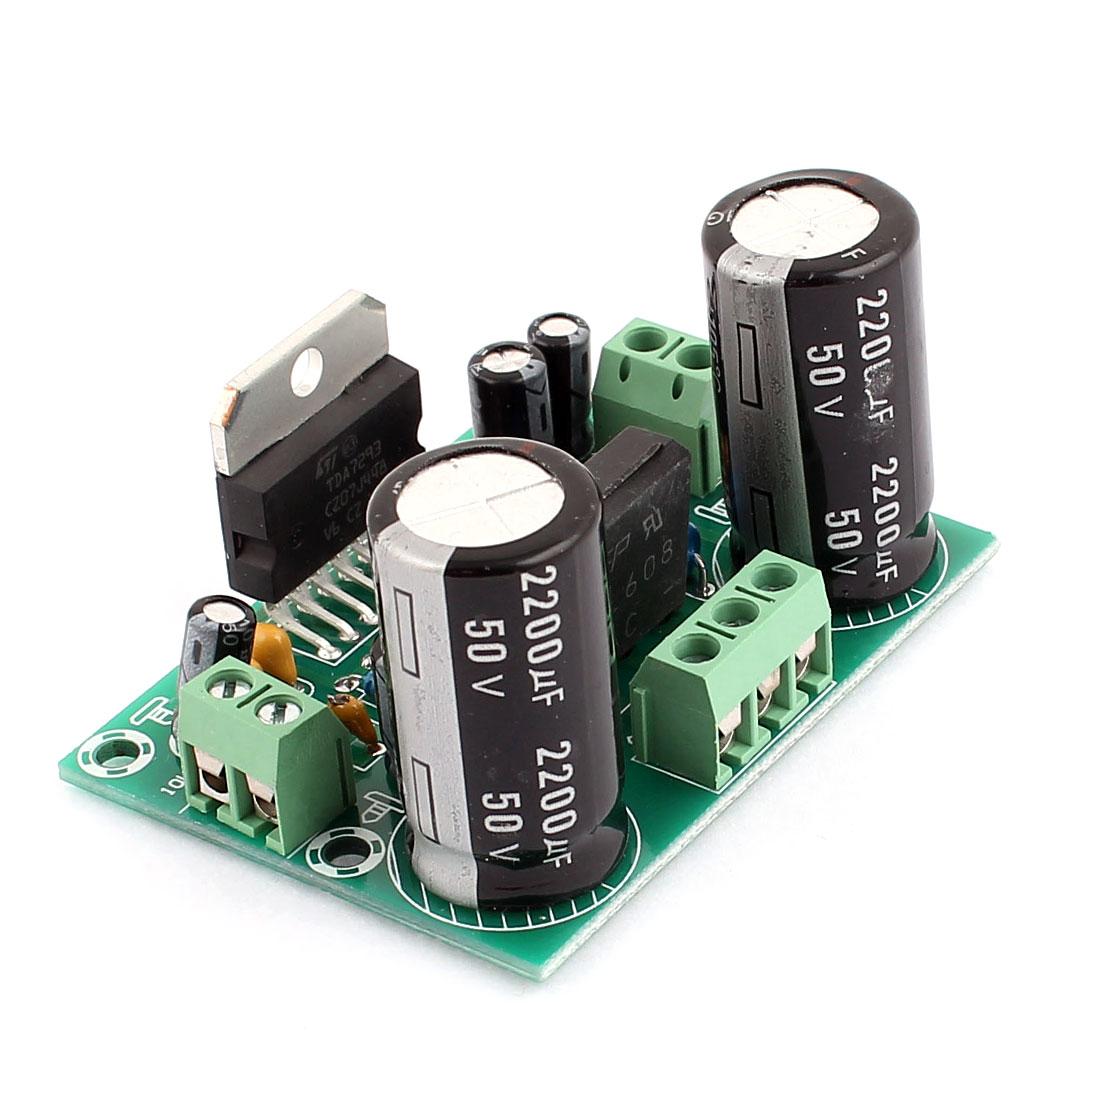 TDA7293 100W Single Channel Stereo Amplifier Board Wide Power Supply